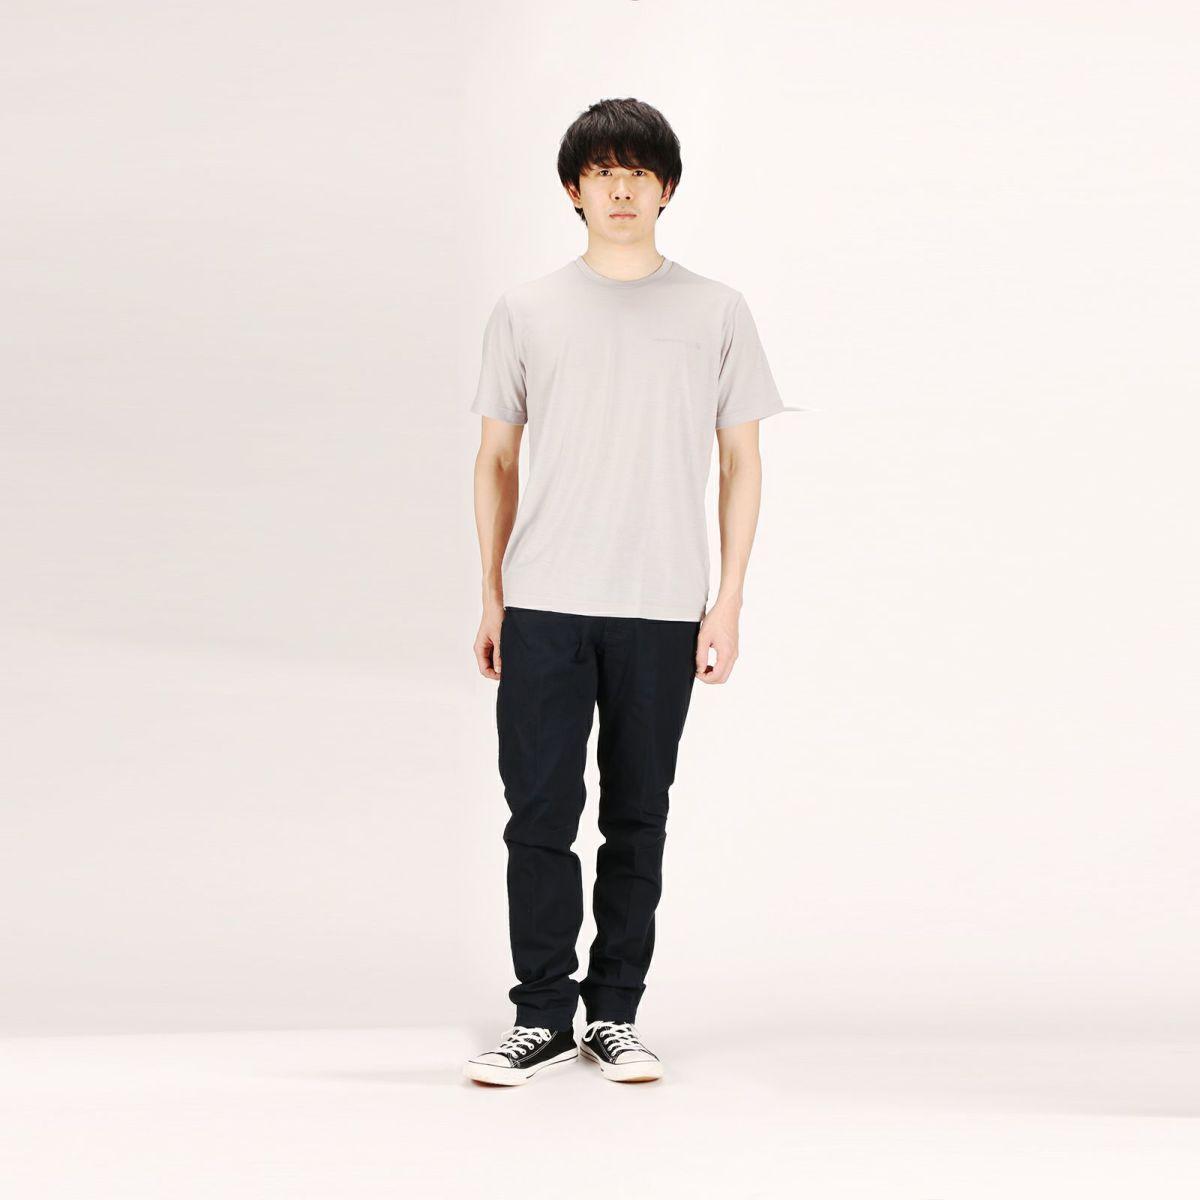 着用イメージ09 [男性モデルのサイズ]身長:168cm 着用サイズ:Lサイズ